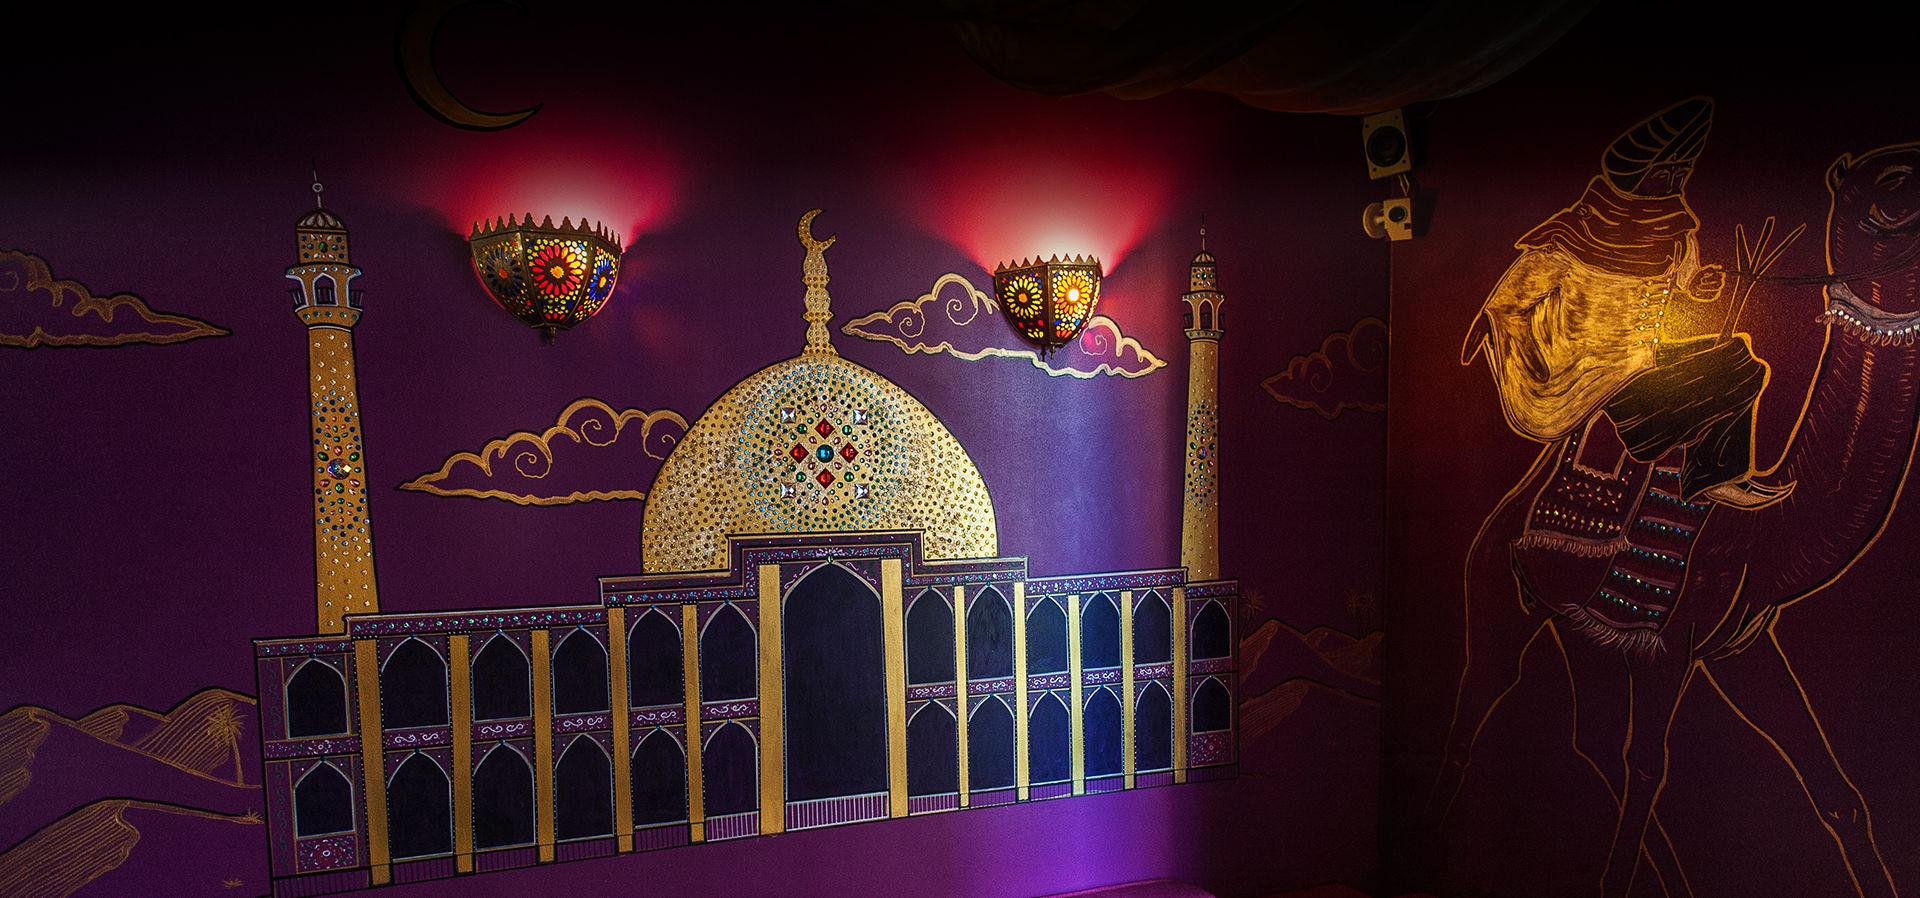 Shisha bar in tallinn